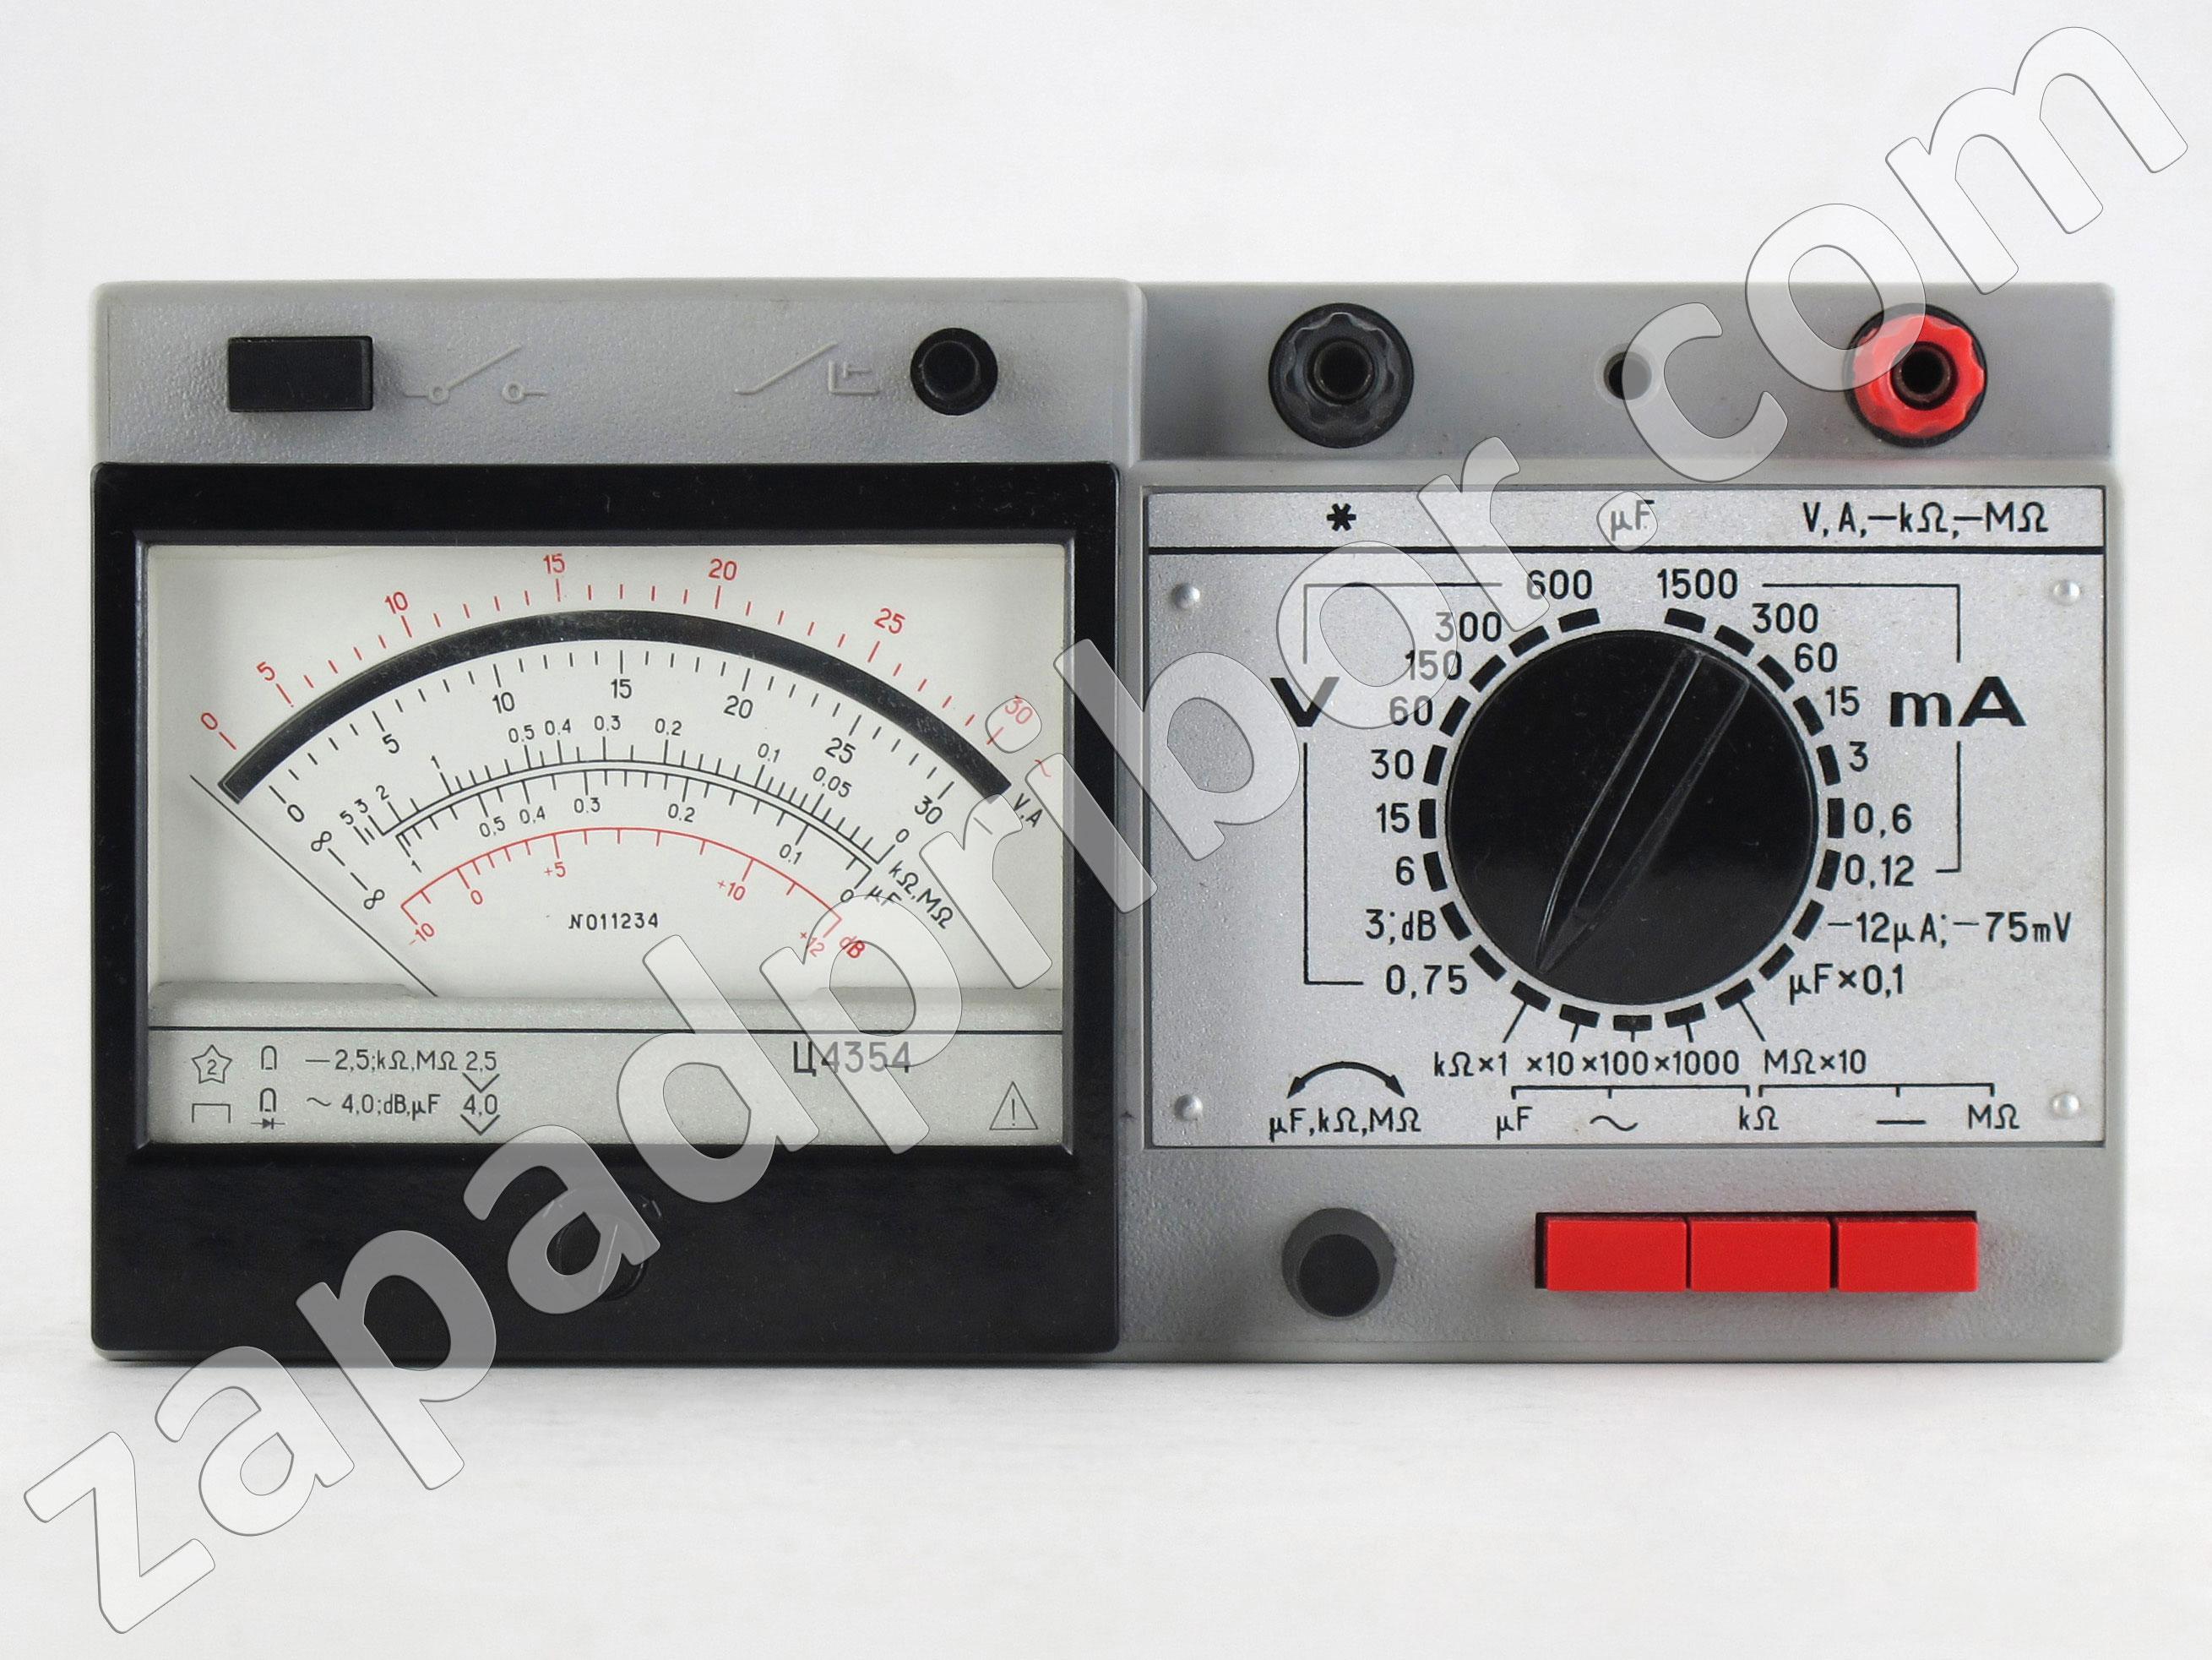 ксд-2 прибор вторичный инструкция